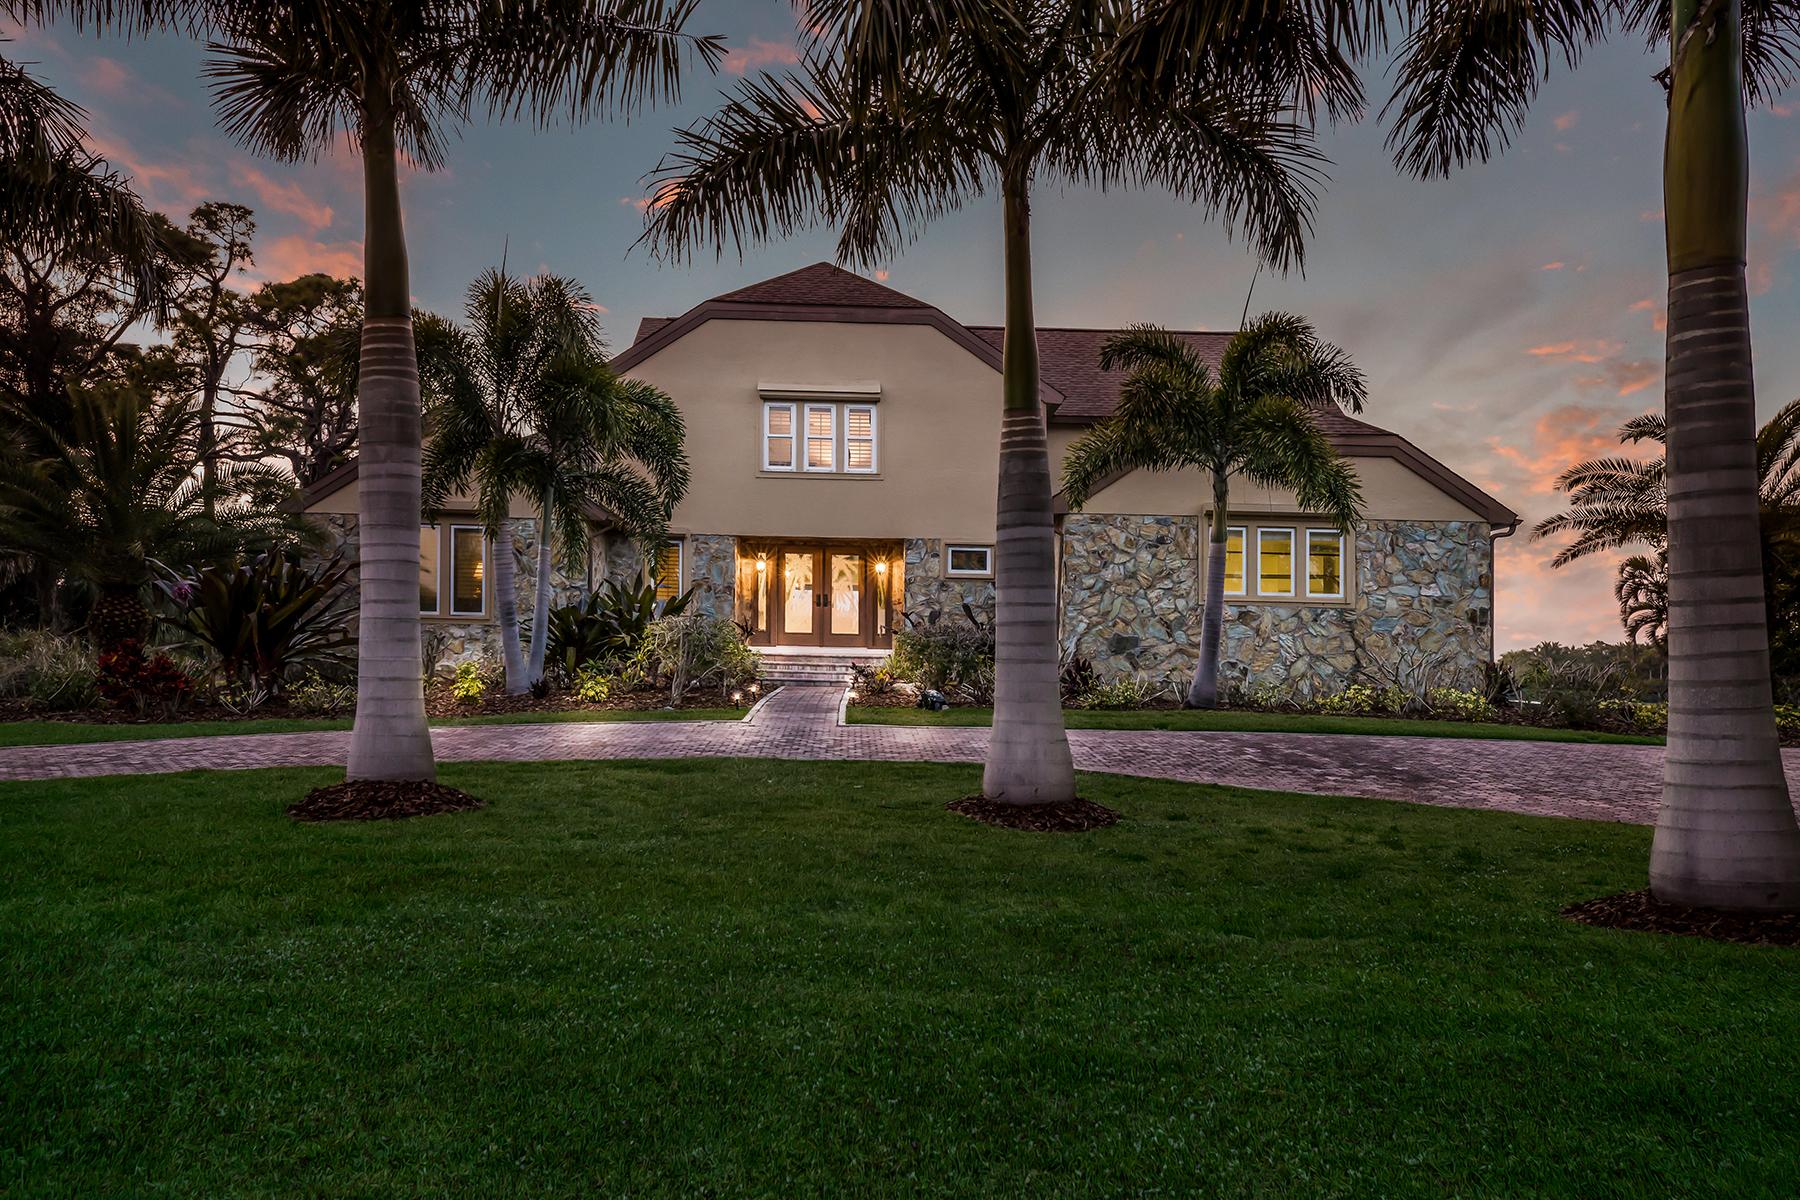 Single Family Homes für Verkauf beim NOKOMIS 524 Lyons Bay Rd, Nokomis, Florida 34275 Vereinigte Staaten